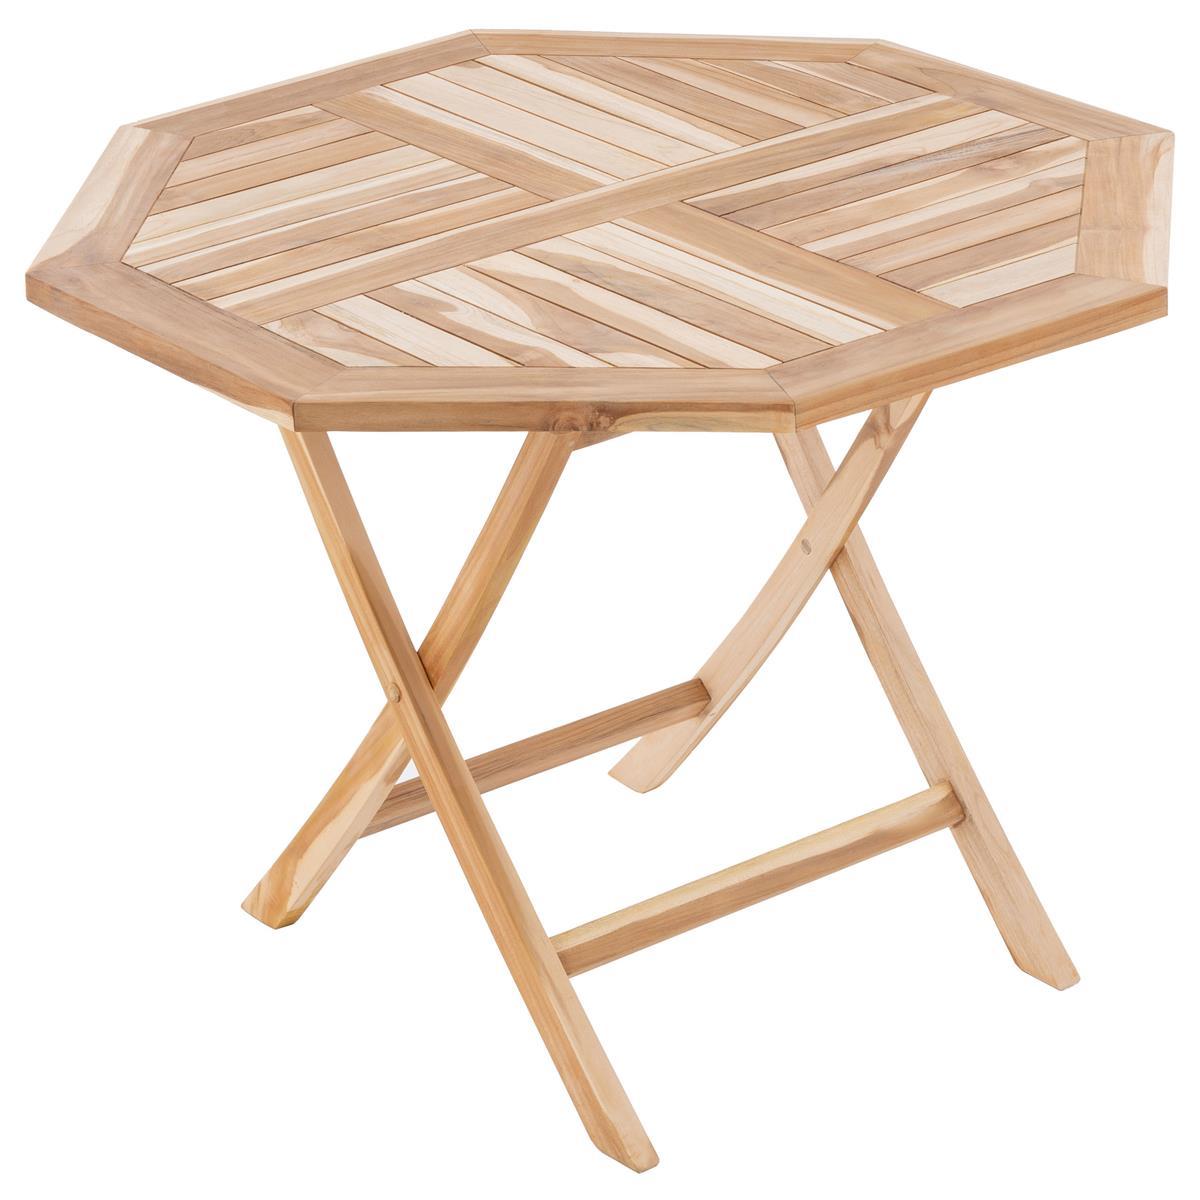 DIVERO Balkontisch Gartentisch Tisch Esstisch Holz Teak klappbar Ø 90cm natur